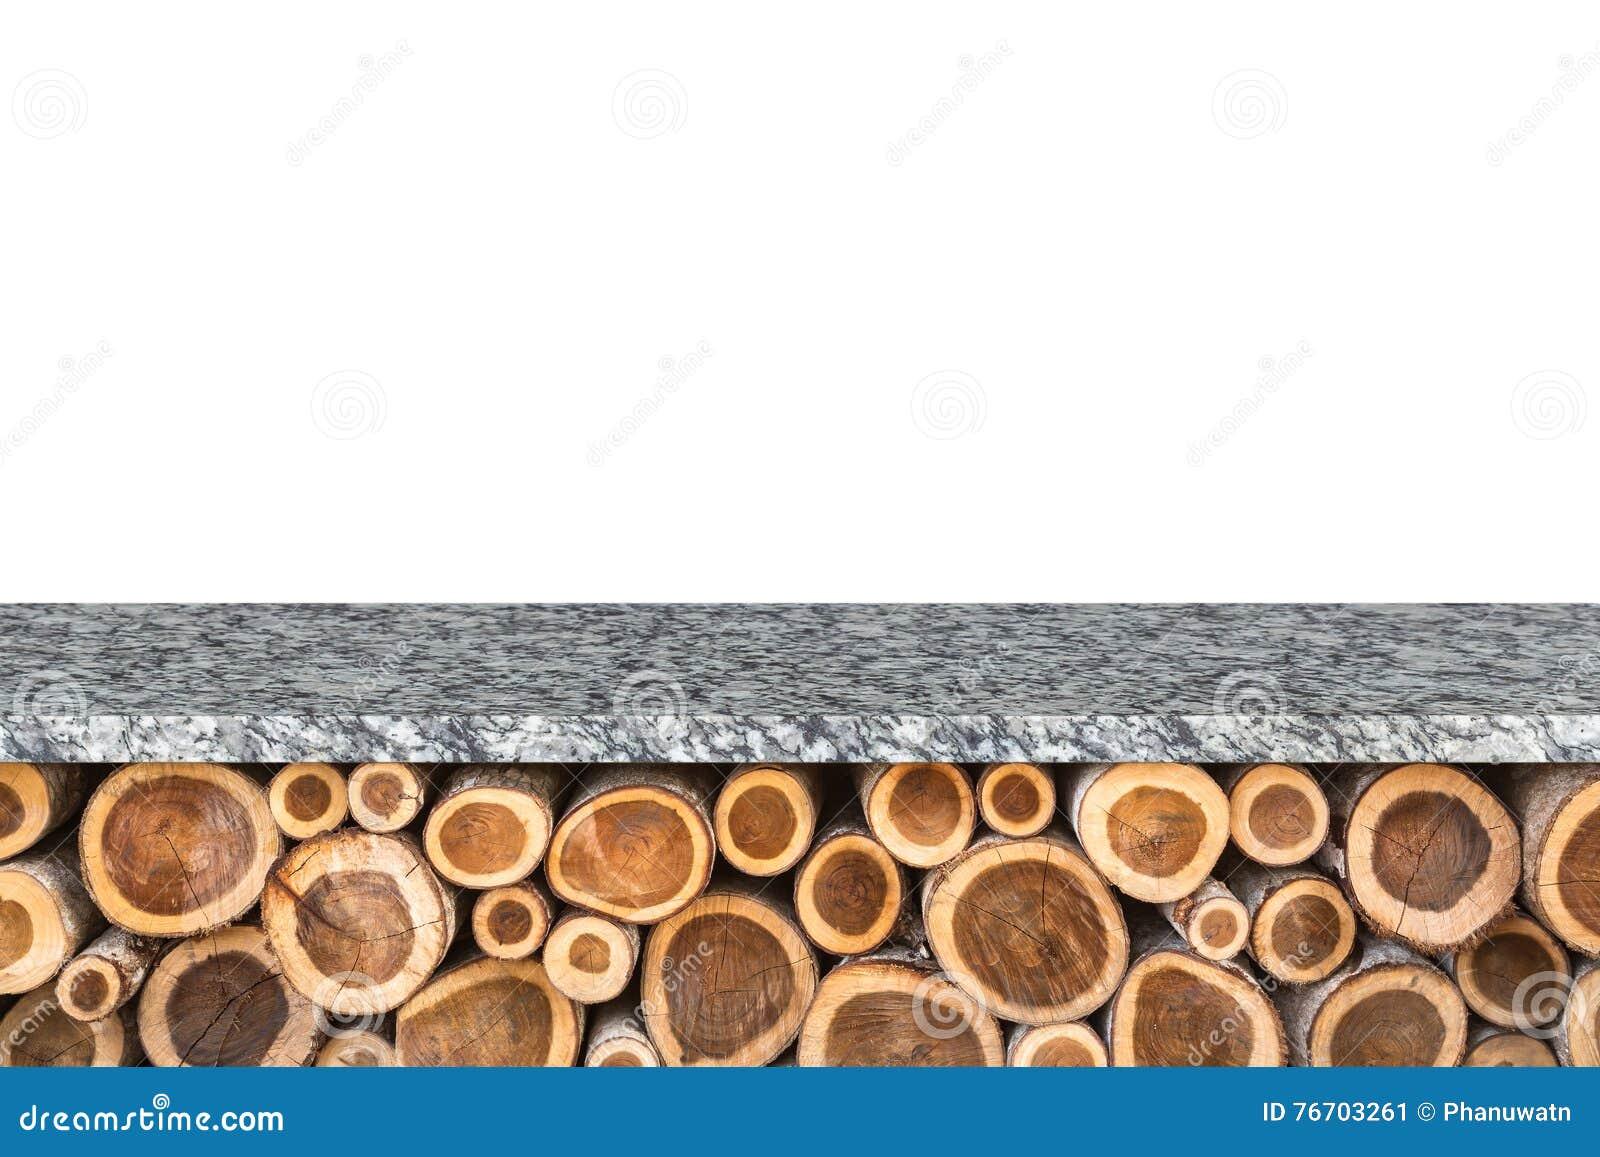 Κενή κορυφή του πίνακα πετρών γρανίτη που απομονώνεται στο άσπρο υπόβαθρο